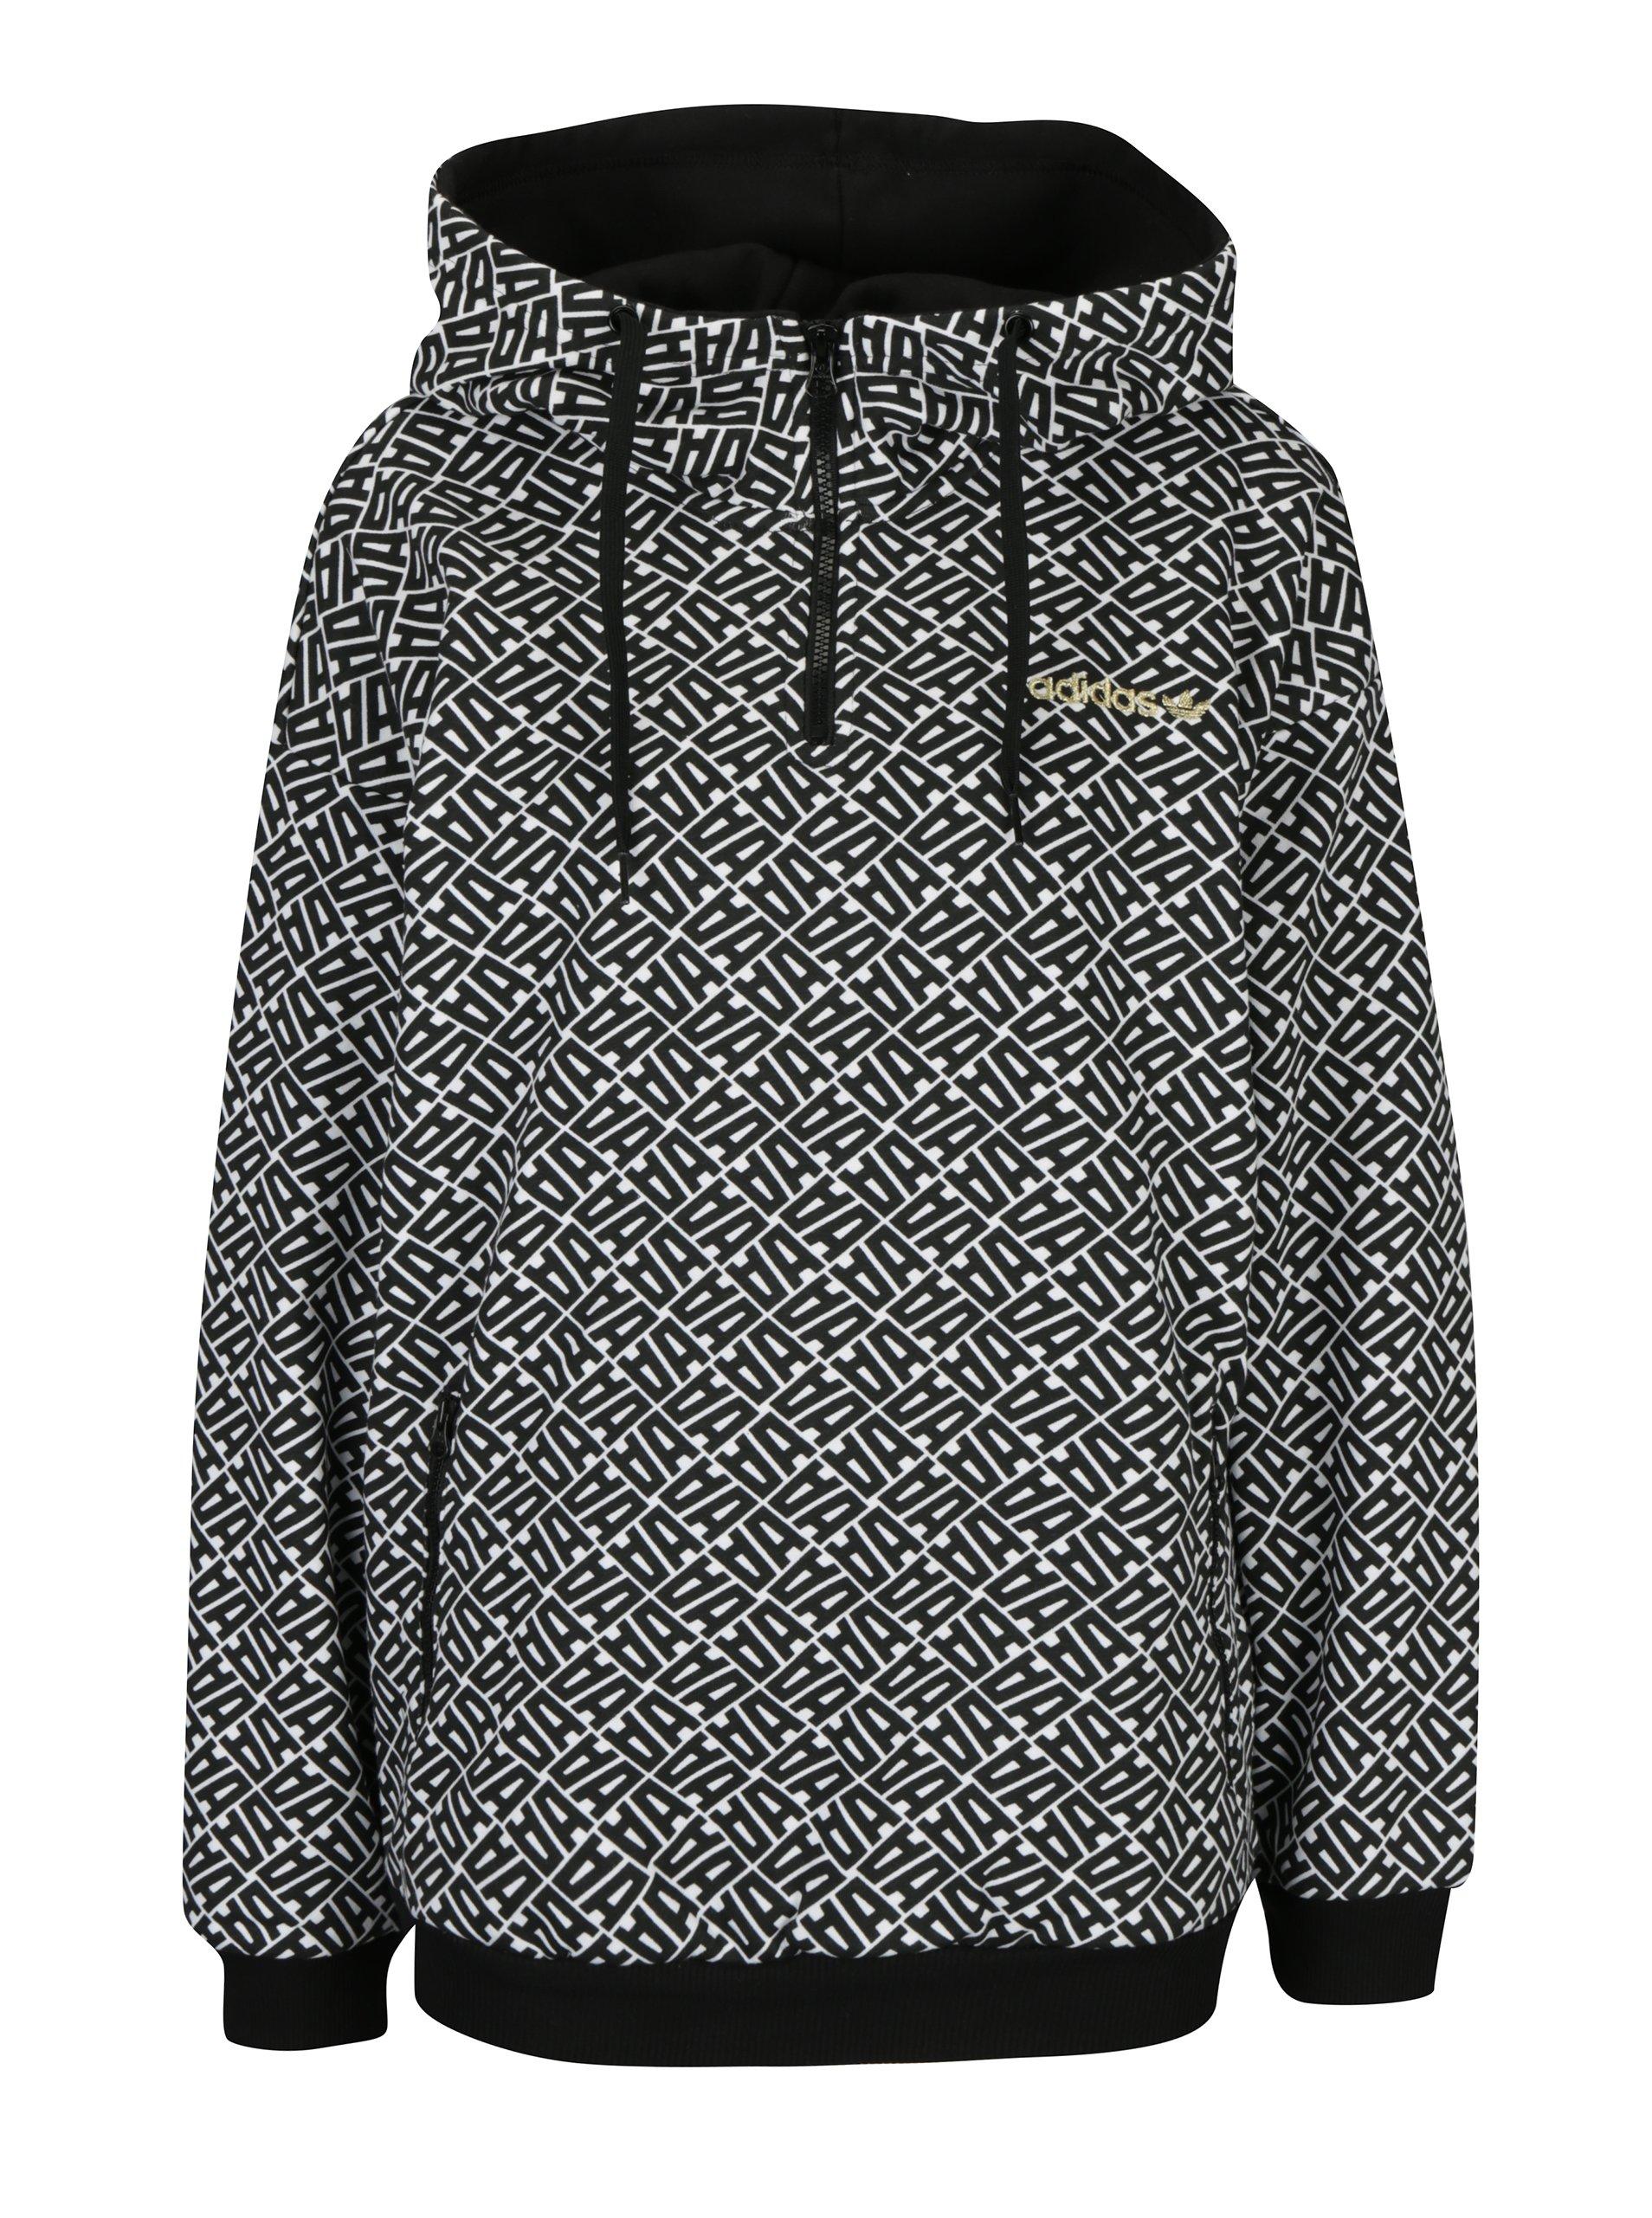 Bielo-čierna dámska vzorovaná mikina s kapucňou adidas Originals ... 0b5af0f6671